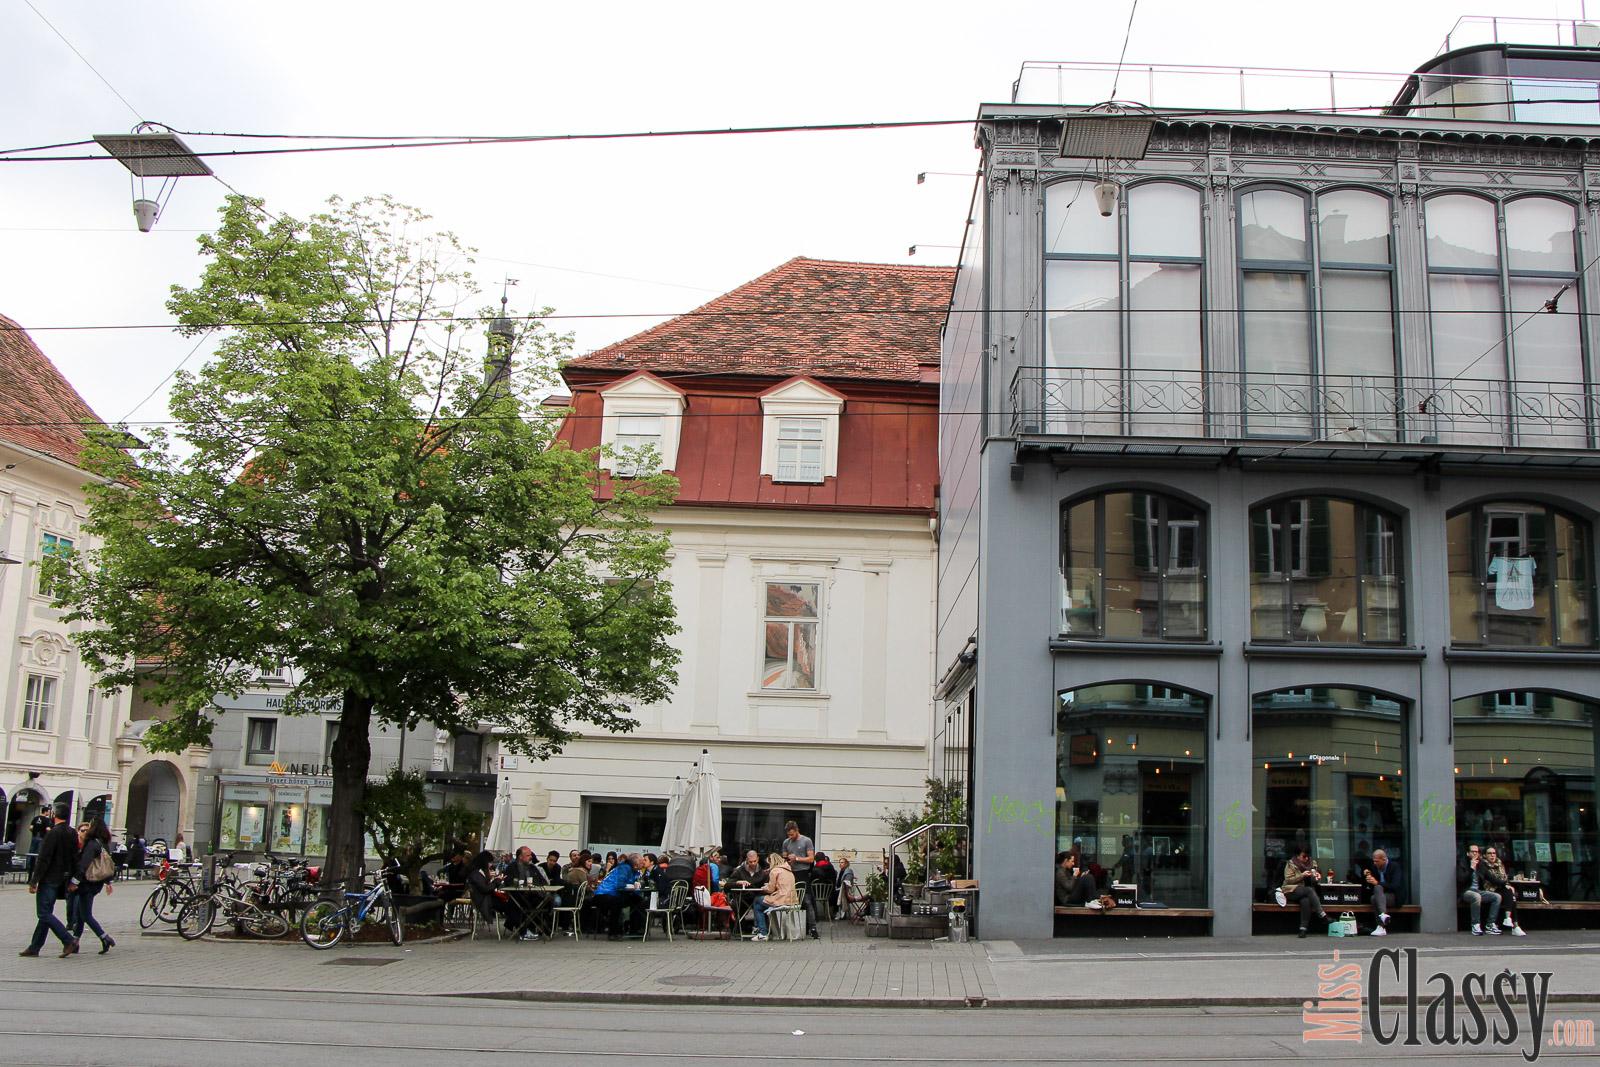 LIFESTYLE Miss Classy's Lieblingslokale in Graz und Umgebung, Miss Classy, Lifestyle Blog, Graz, Steiermark, Österreich, gute Restaurants, Essen gehen in Graz, Kunsthauscafe, Burger